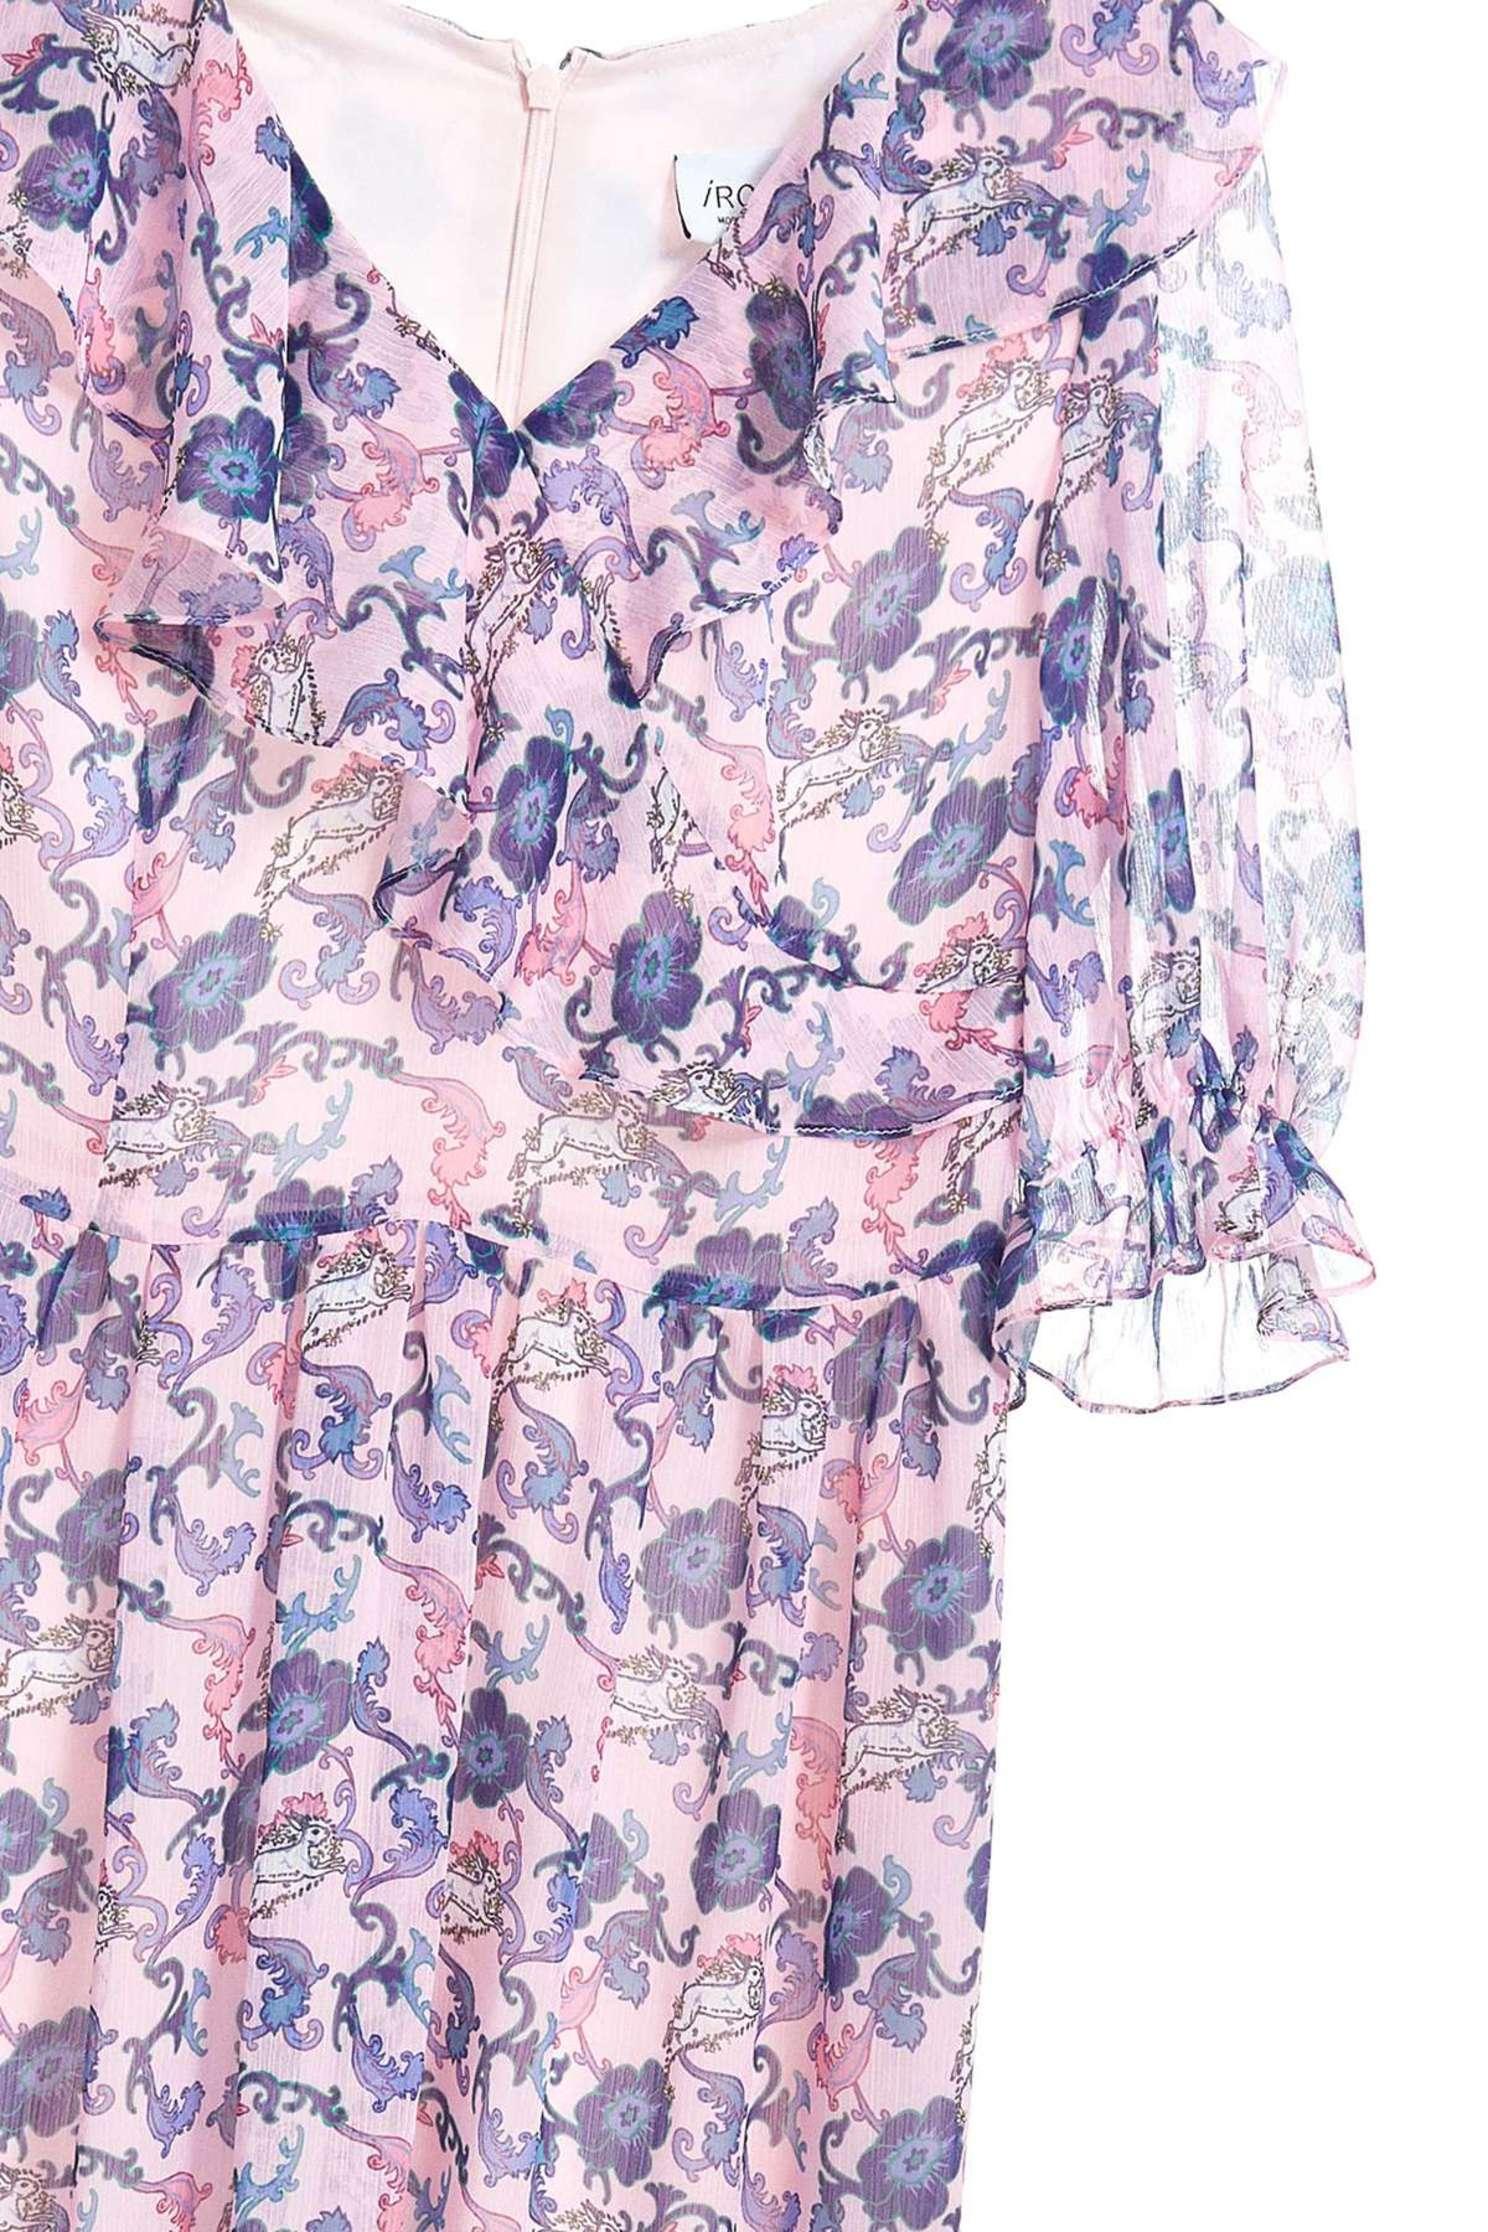 Romantic flower V-neck woman fashion dress,v-neckdress,printeddress,cocktaildress,shortsleevedress,chiffon,chiffondress